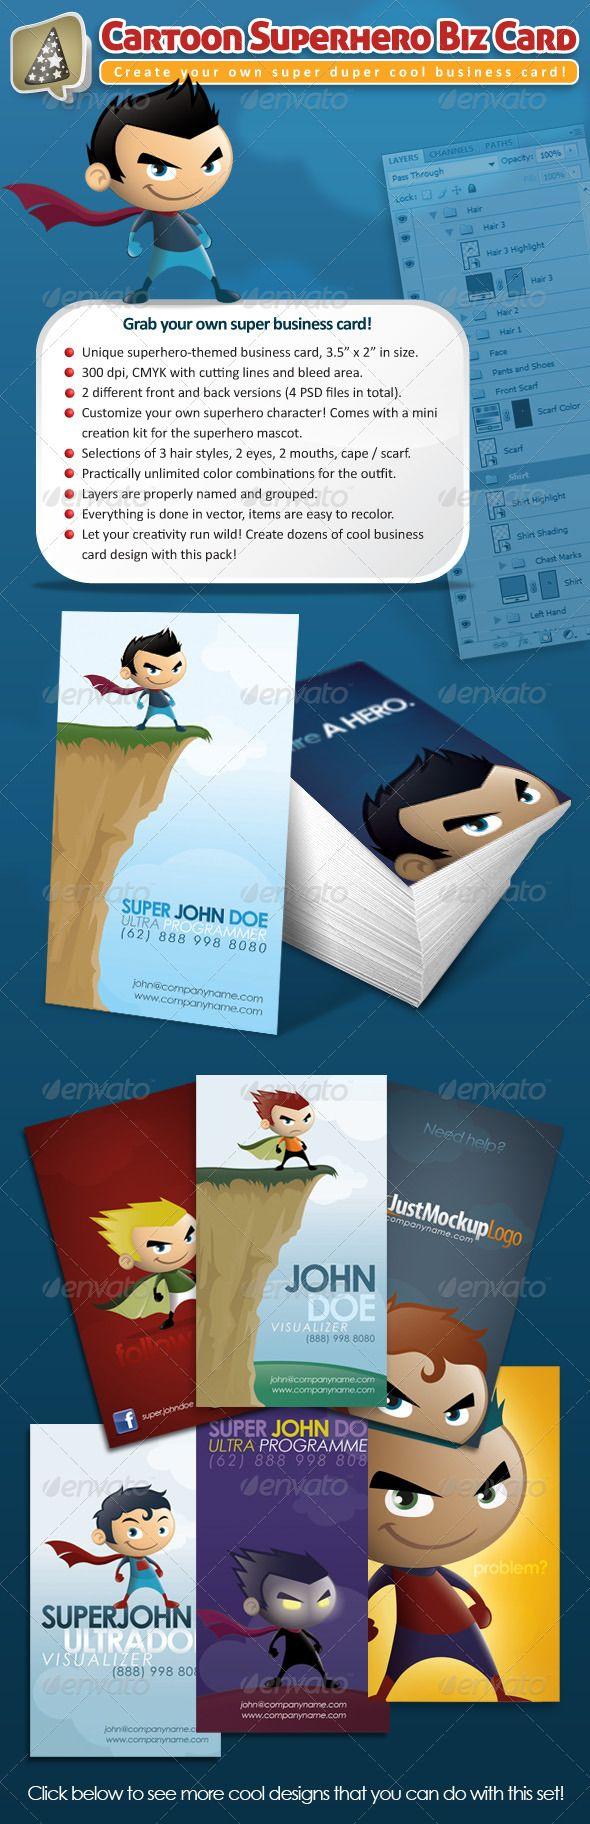 Cartoon Superhero Business Card Maker | Business card maker ...